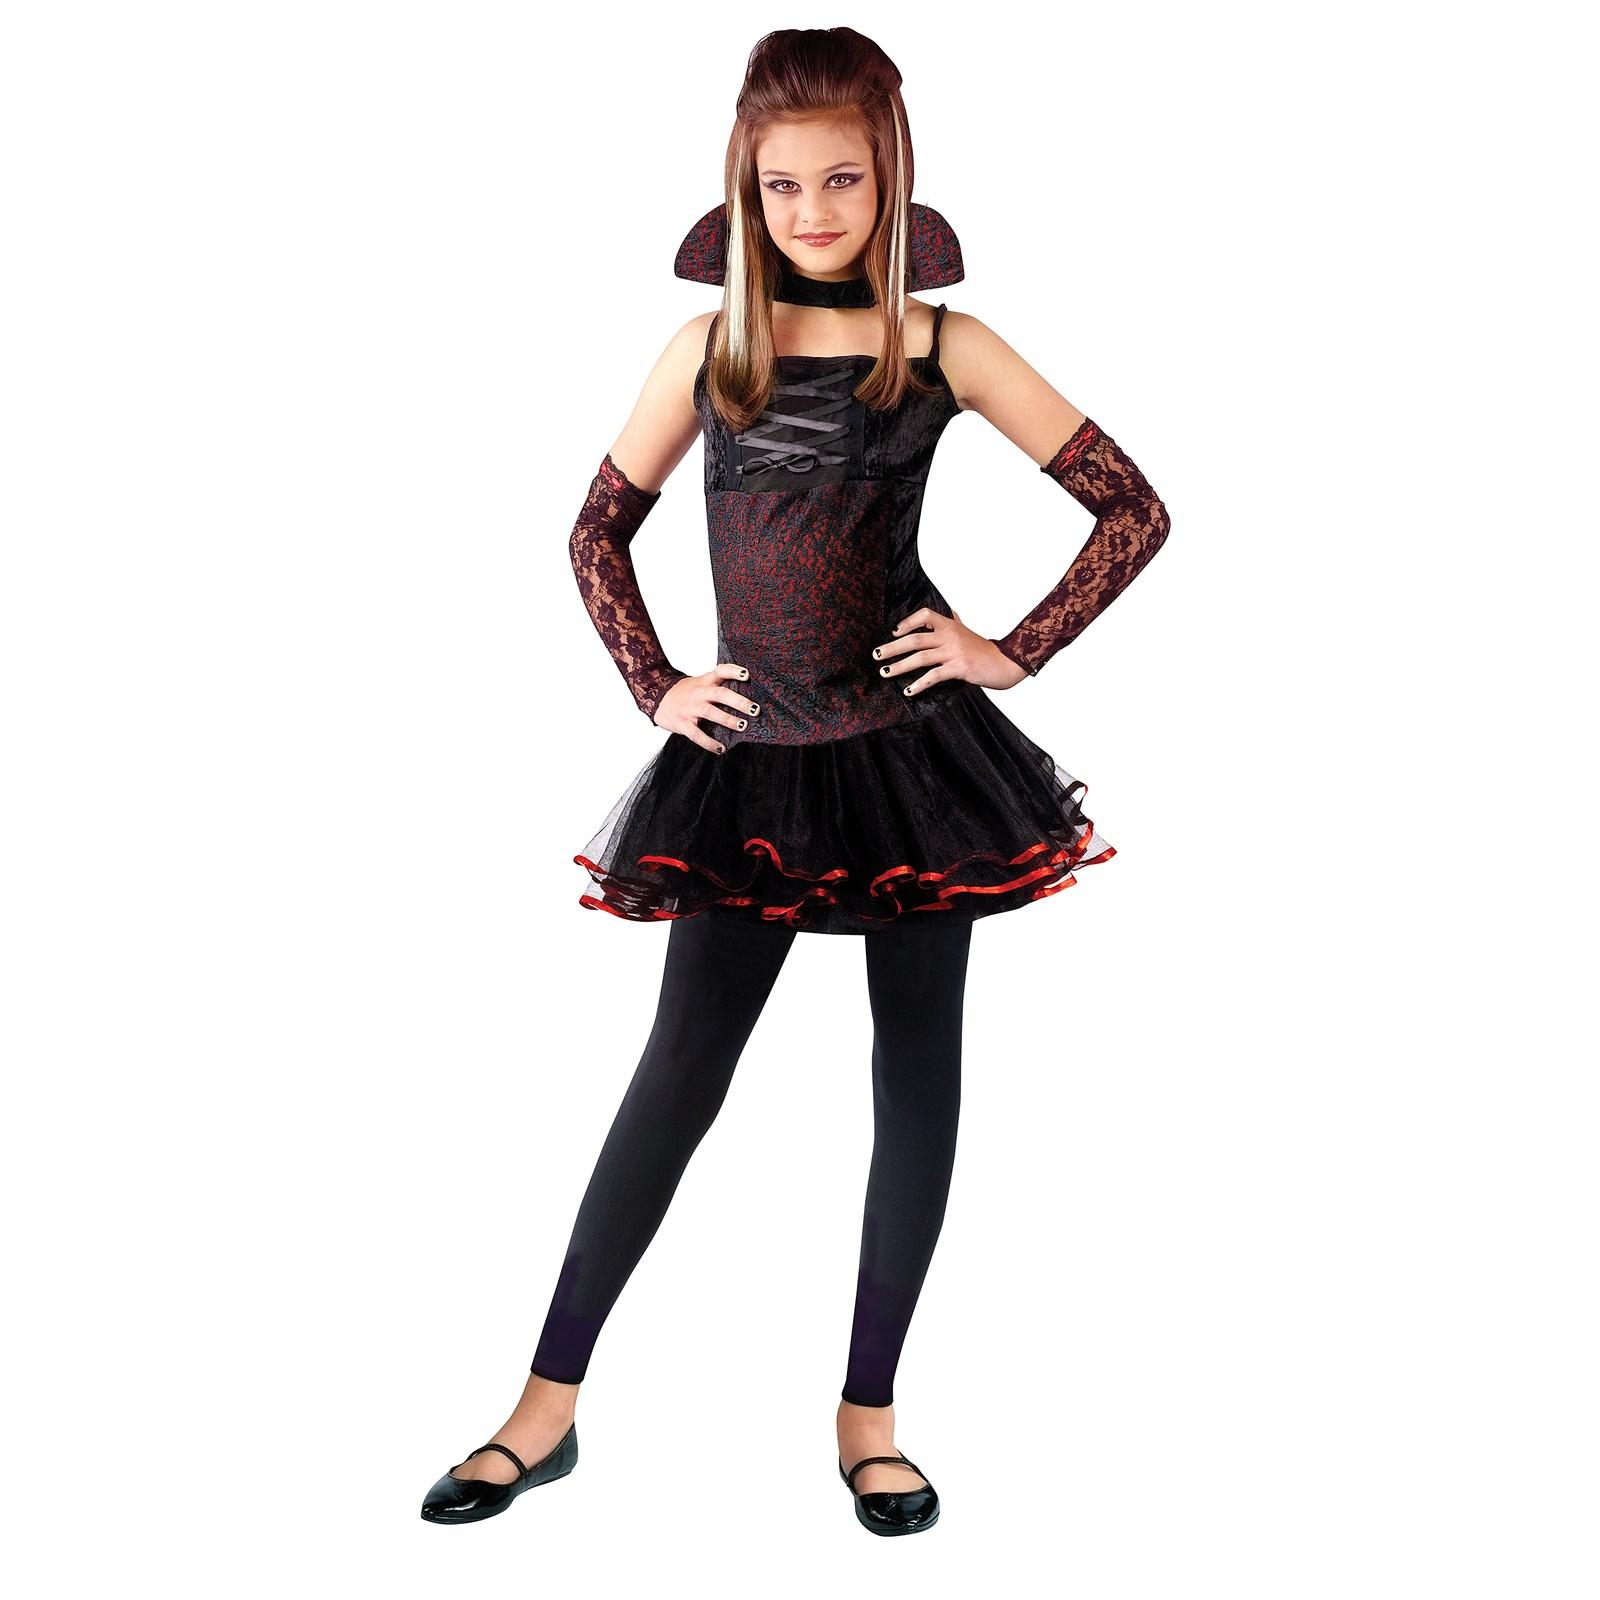 Vampirina Child Costume   BuyCostumes.com